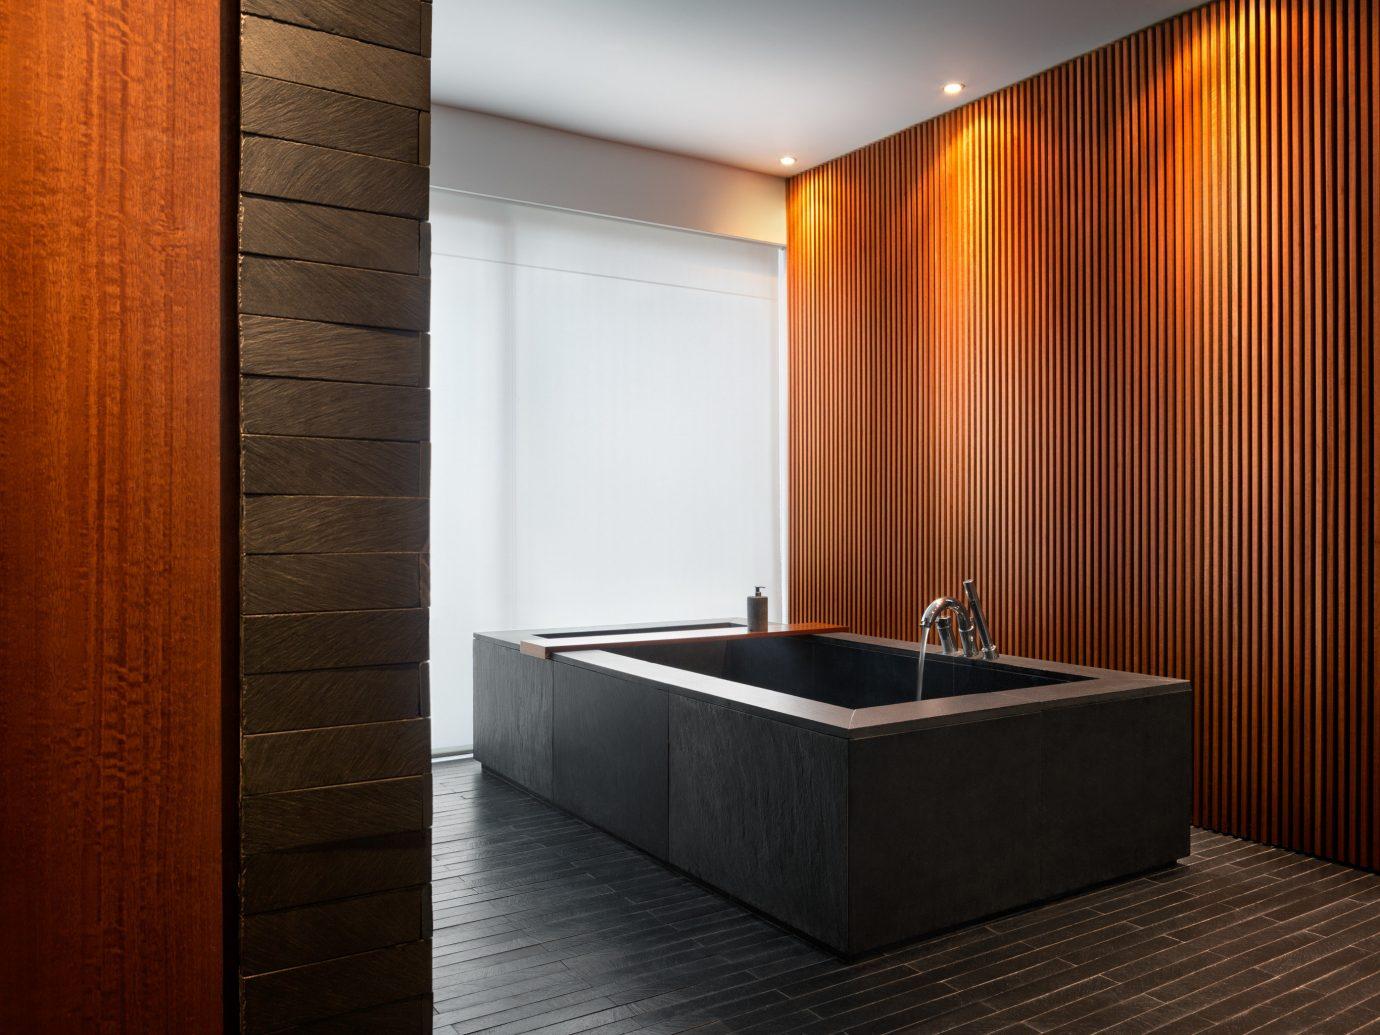 Hotels Offbeat indoor wall floor room bathroom bathtub interior design plumbing fixture Suite Design